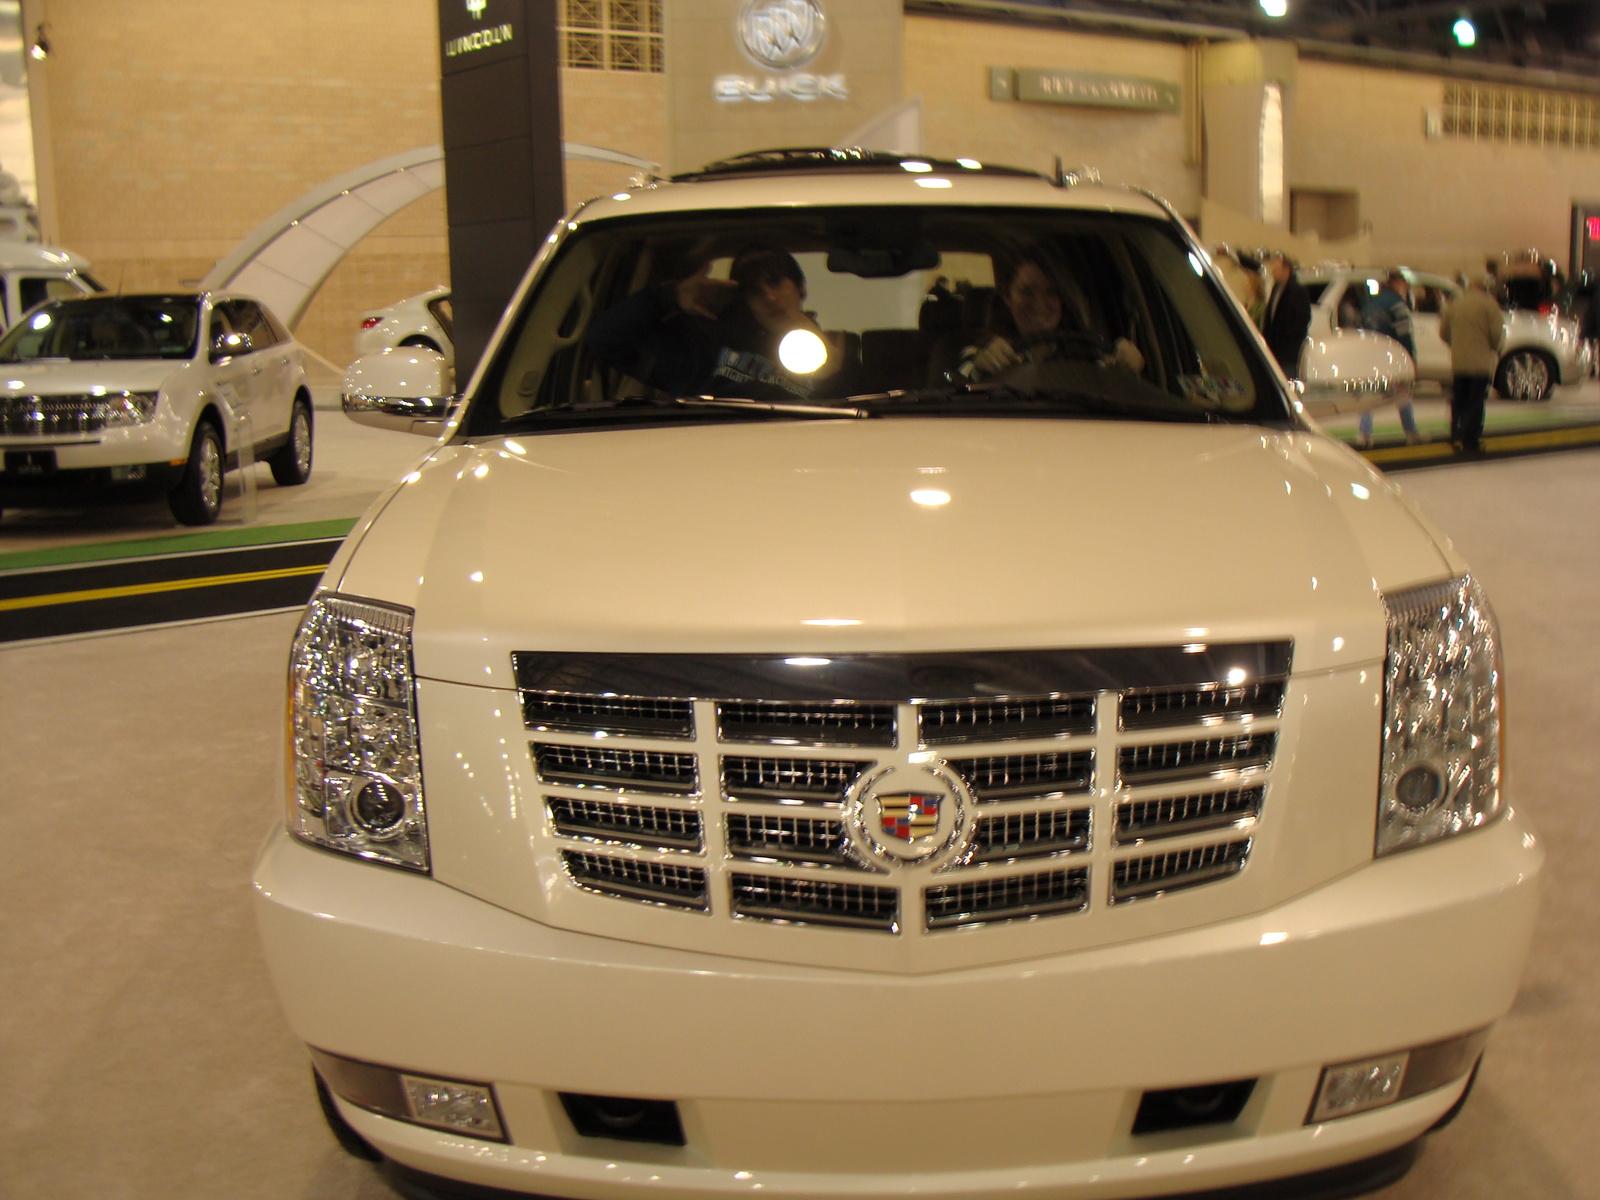 2009 Cadillac Escalade ESV AWD - Pictures - 2009 Cadillac Escalade ...